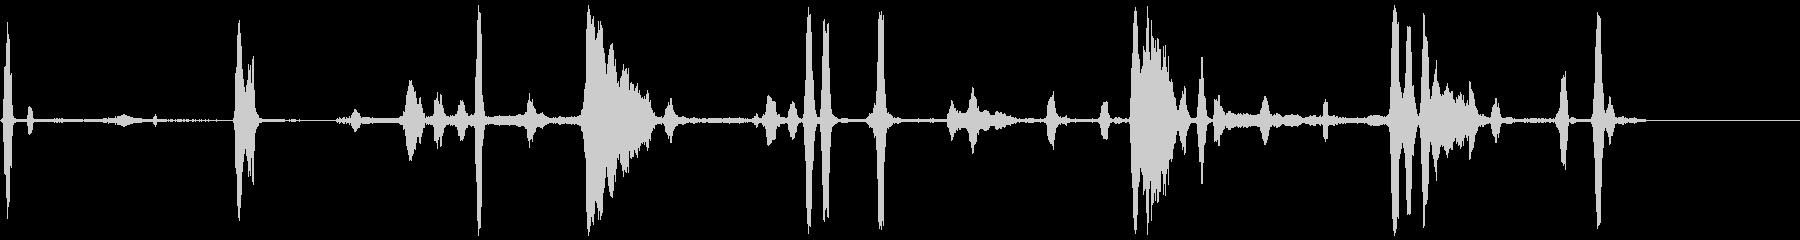 侵入者の存在、エクステリアヤードハ...の未再生の波形